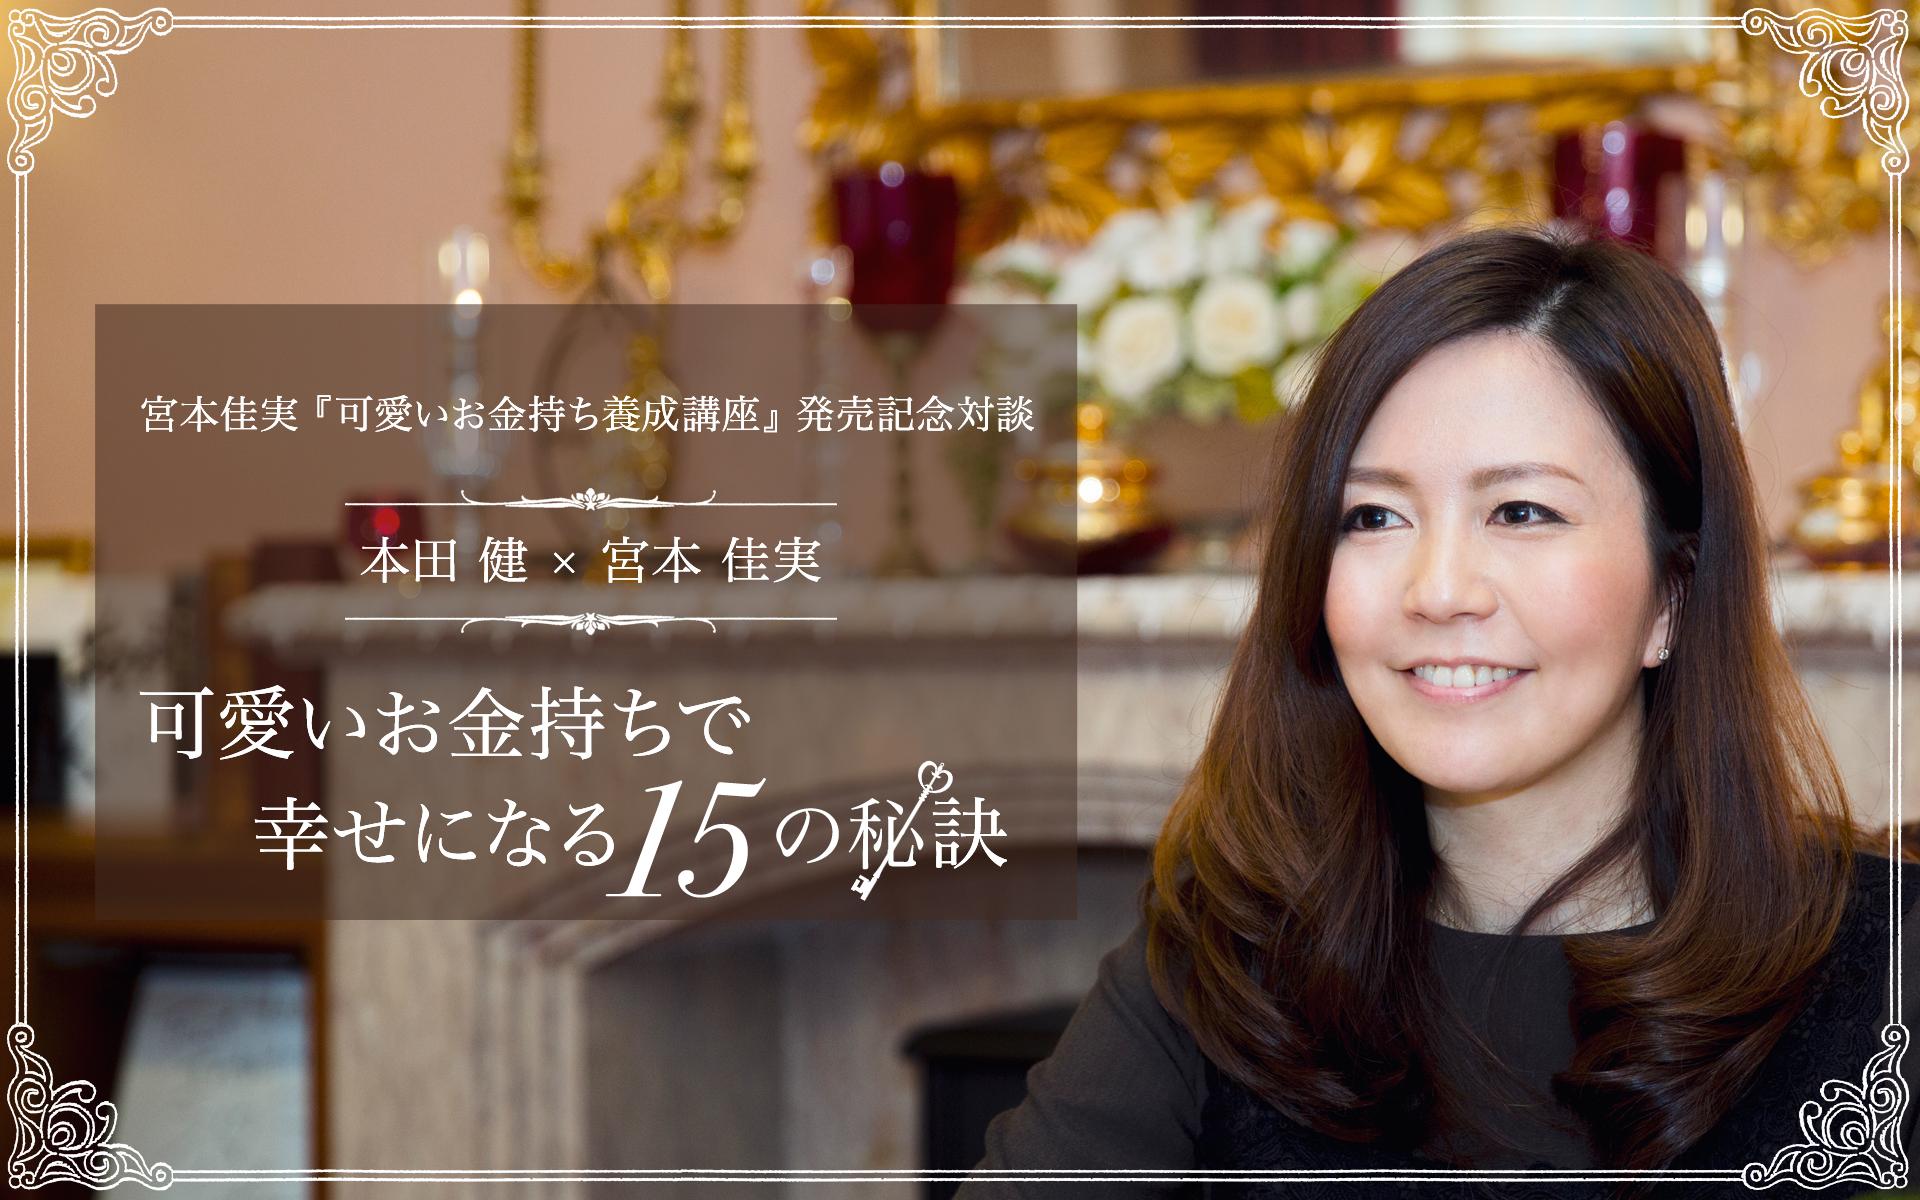 宮本佳実『可愛いお金持ち養成講座』発売記念